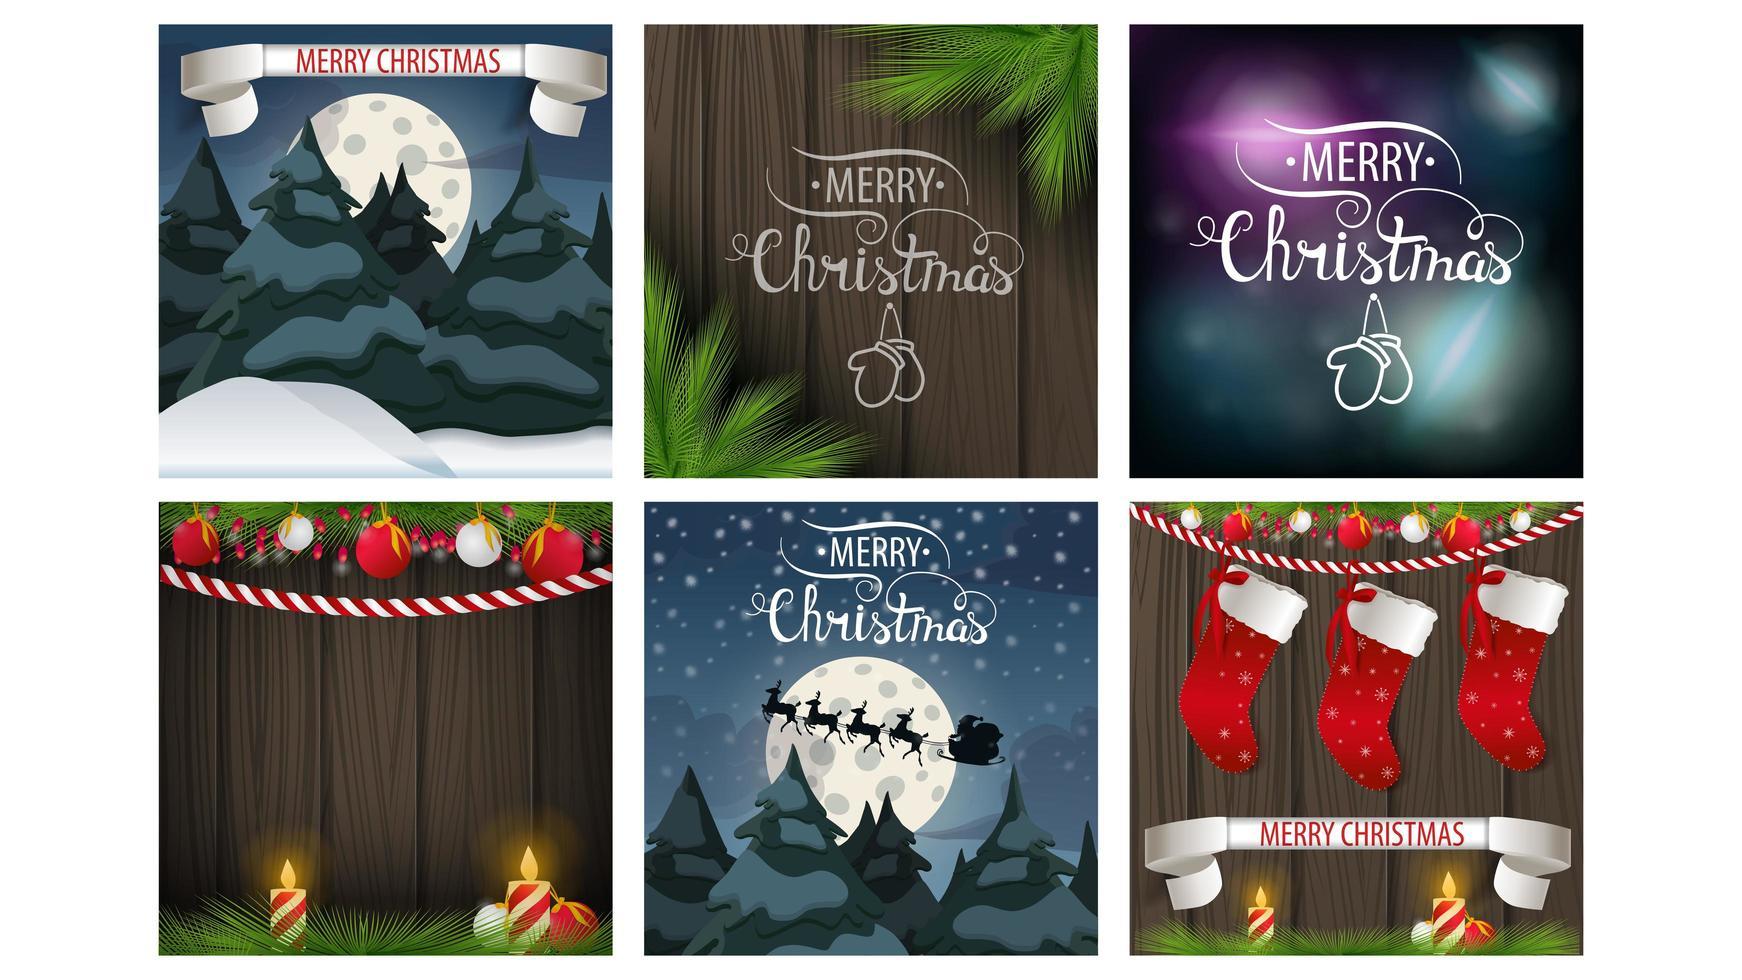 vierkante merry christmas-kaartenset vector